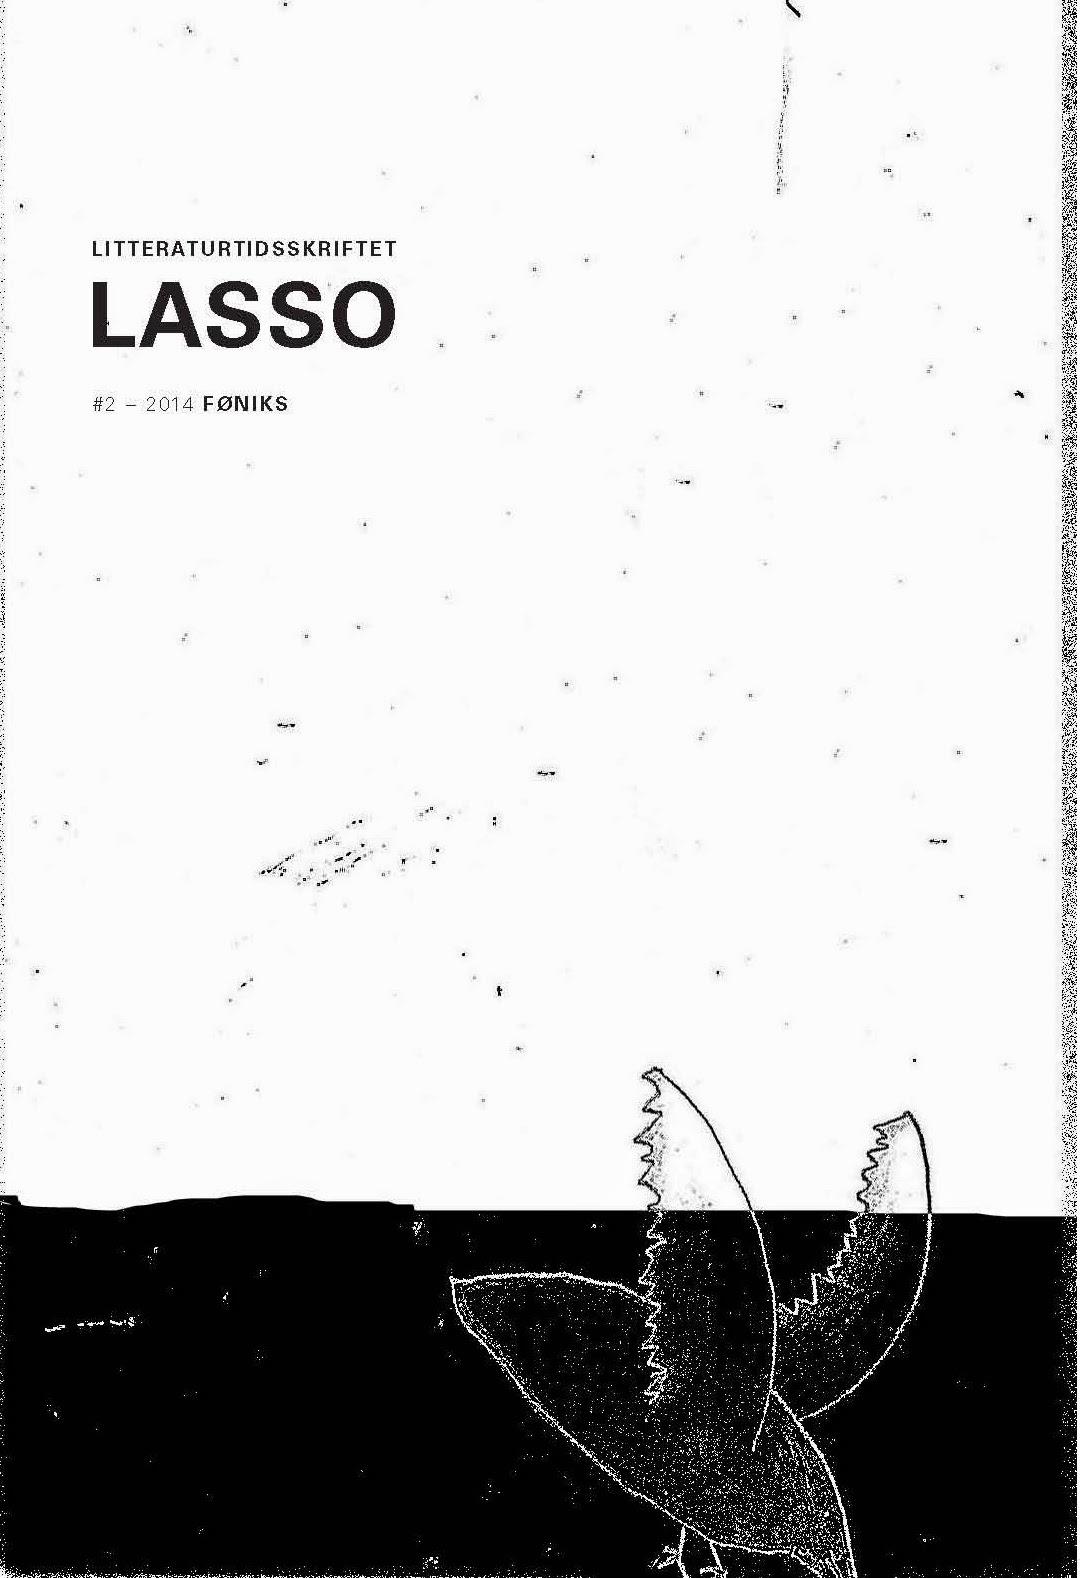 LASSO#2